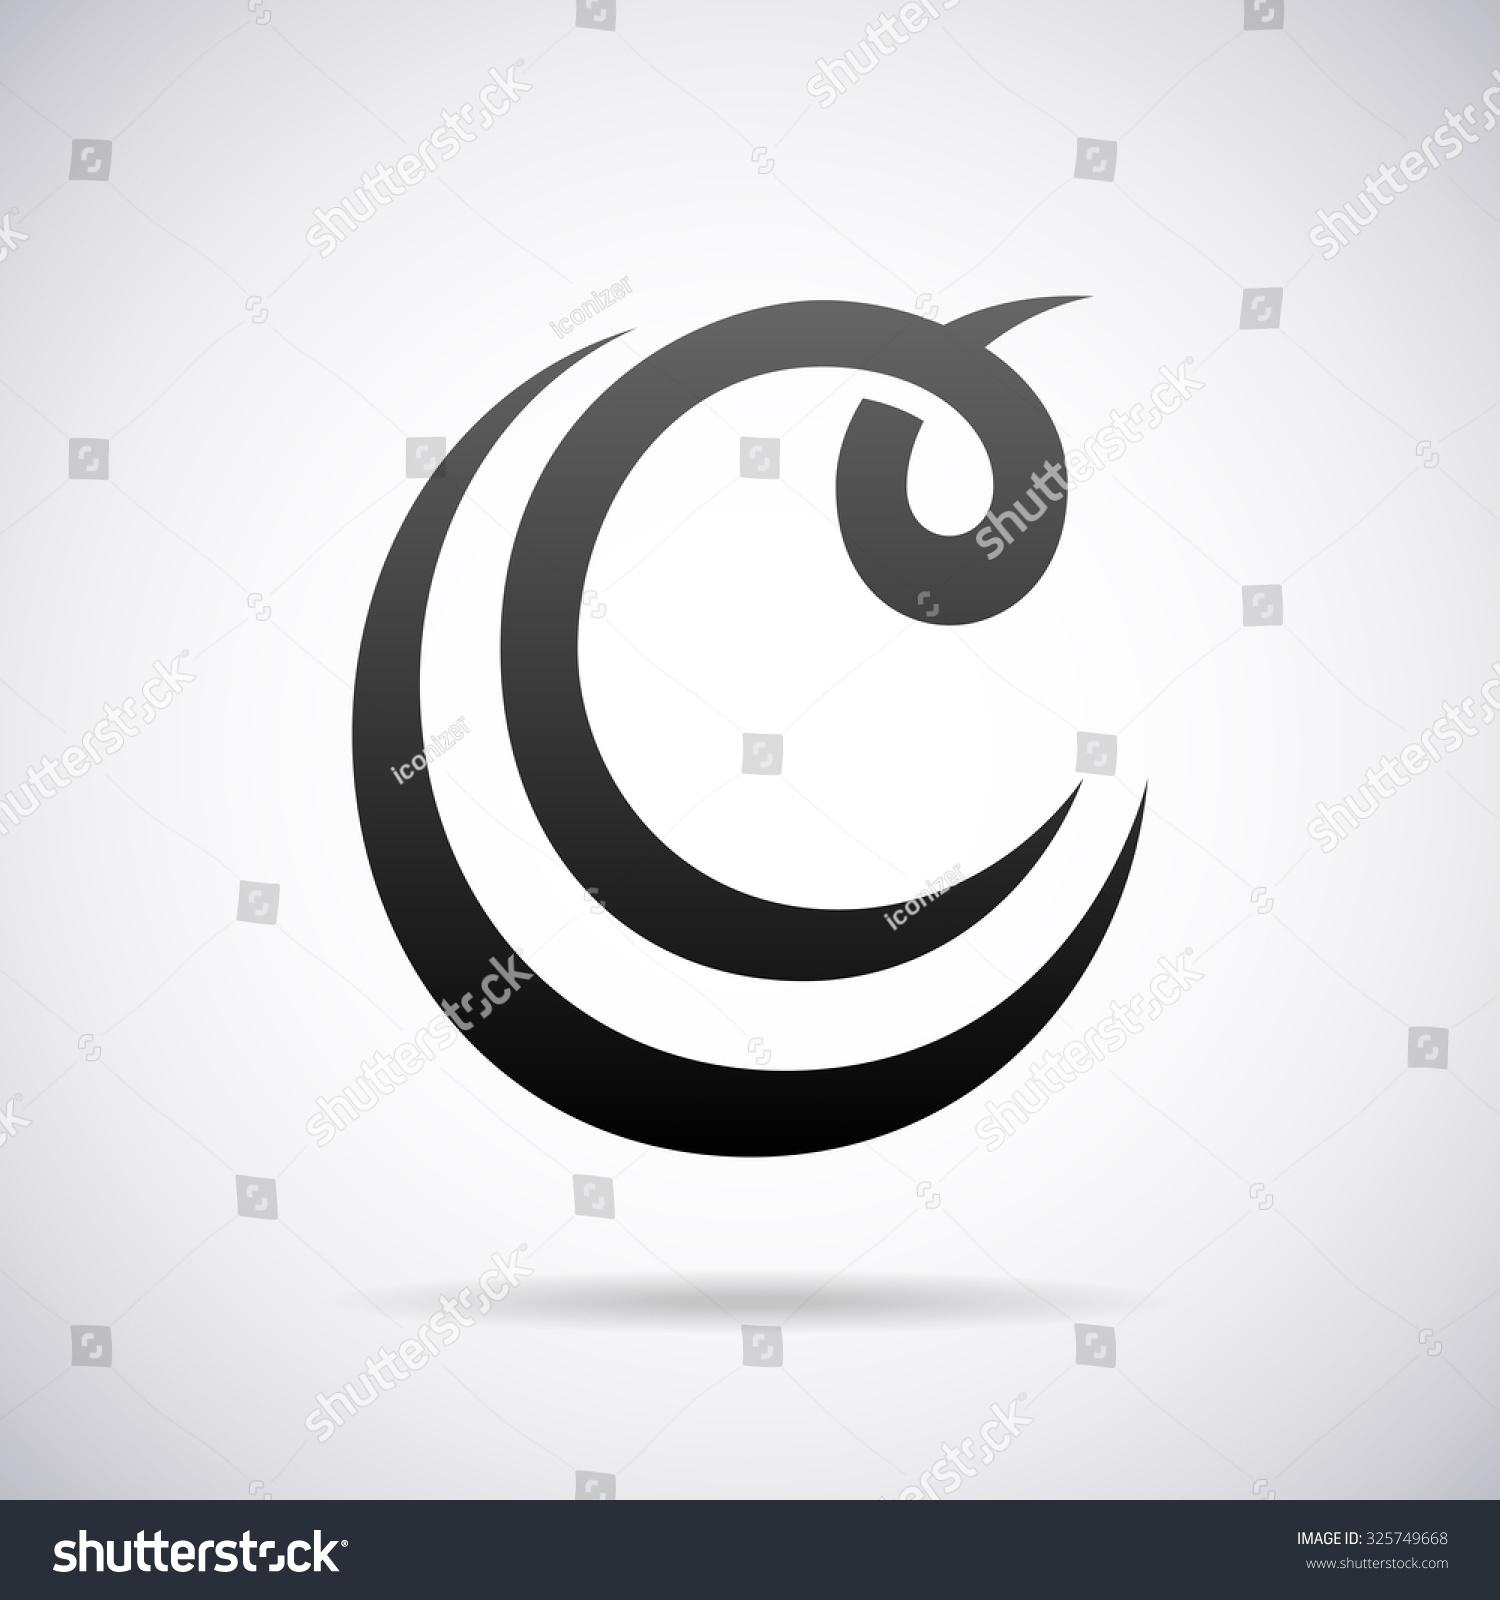 Logo Letter C Design Template Stock Vector 325749668 - Shutterstock